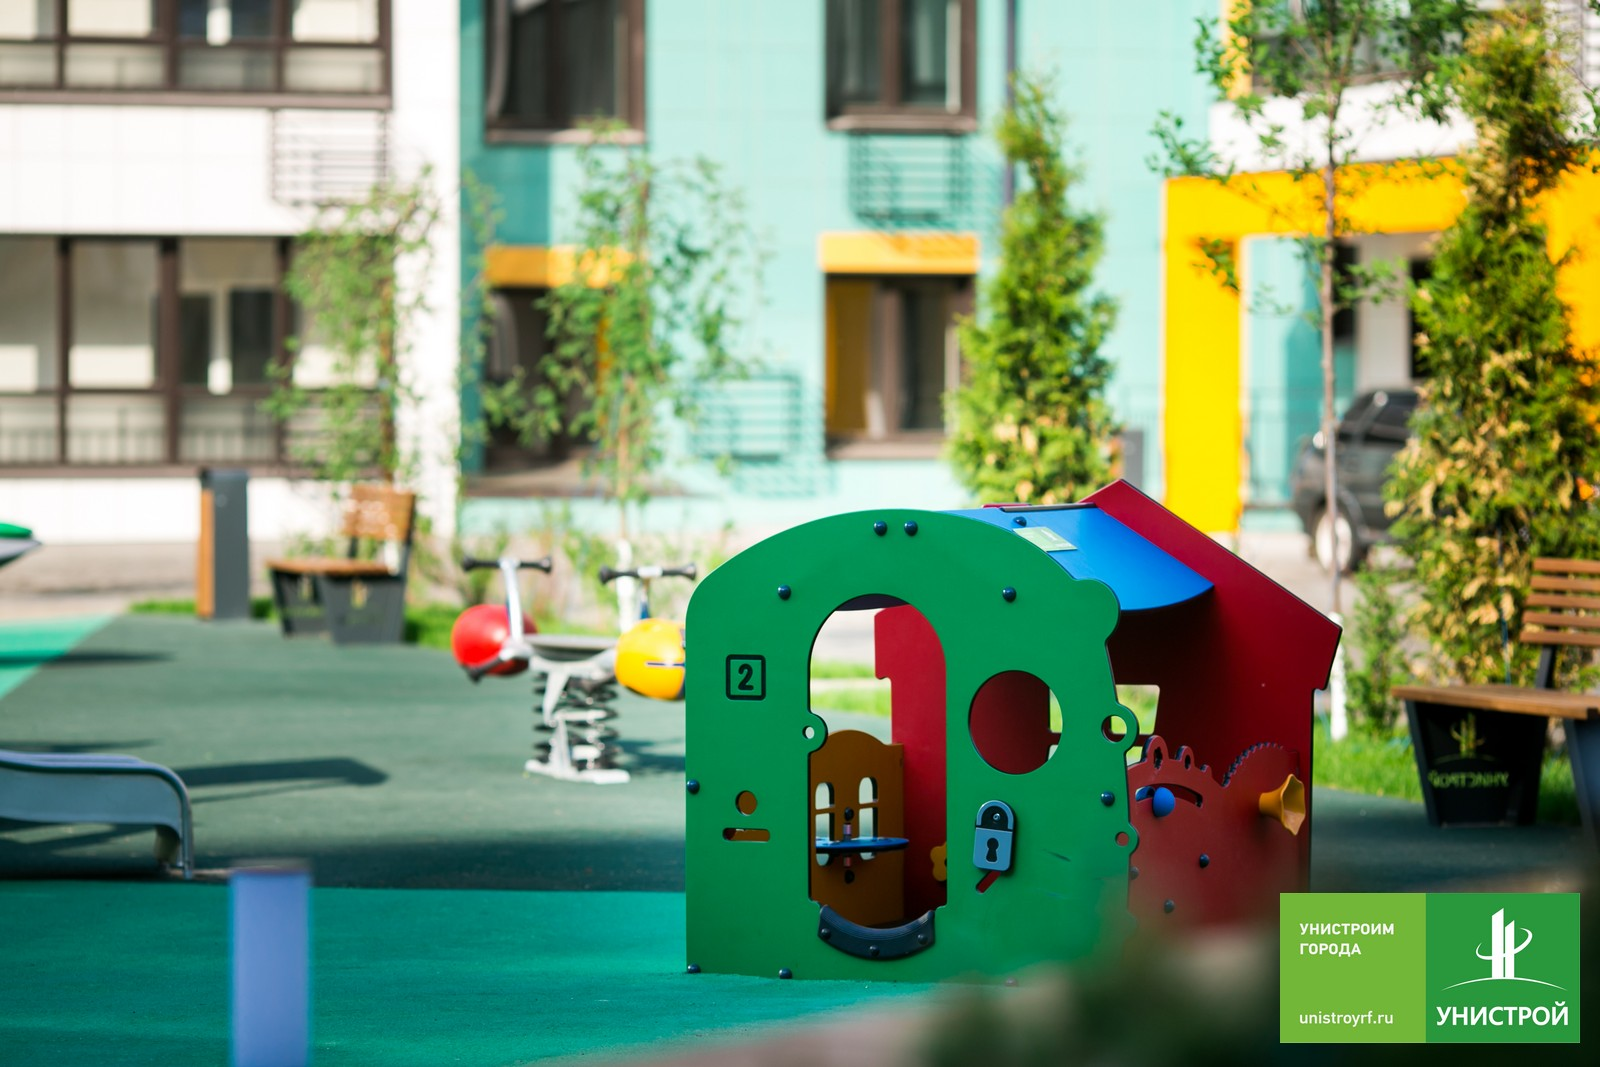 Варианты покупки жилья на доступных условиях